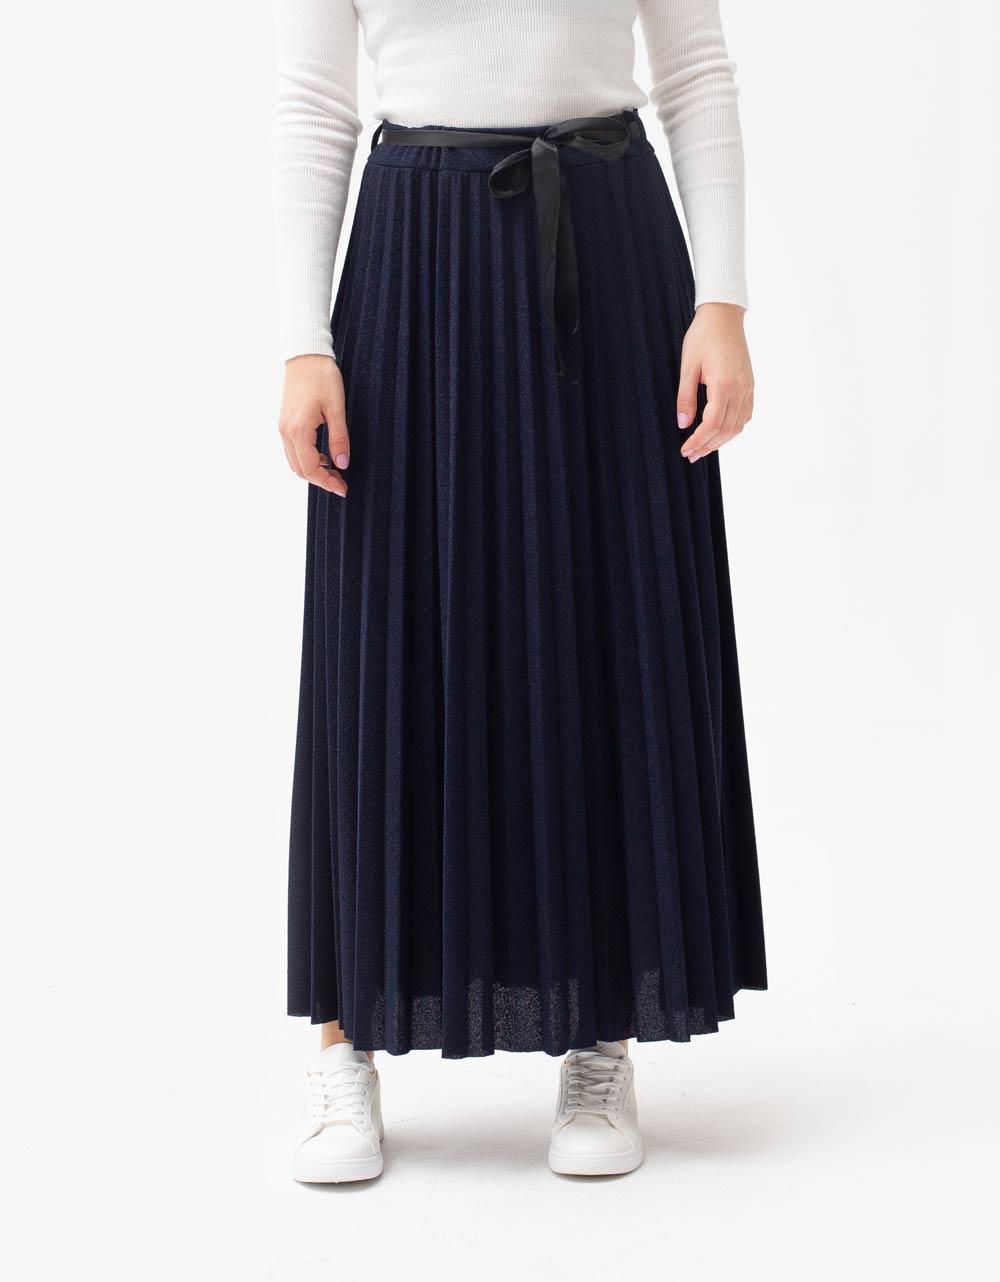 Εικόνα από Γυναικεία φούστα maxi πλισέ με glitters Μπλε